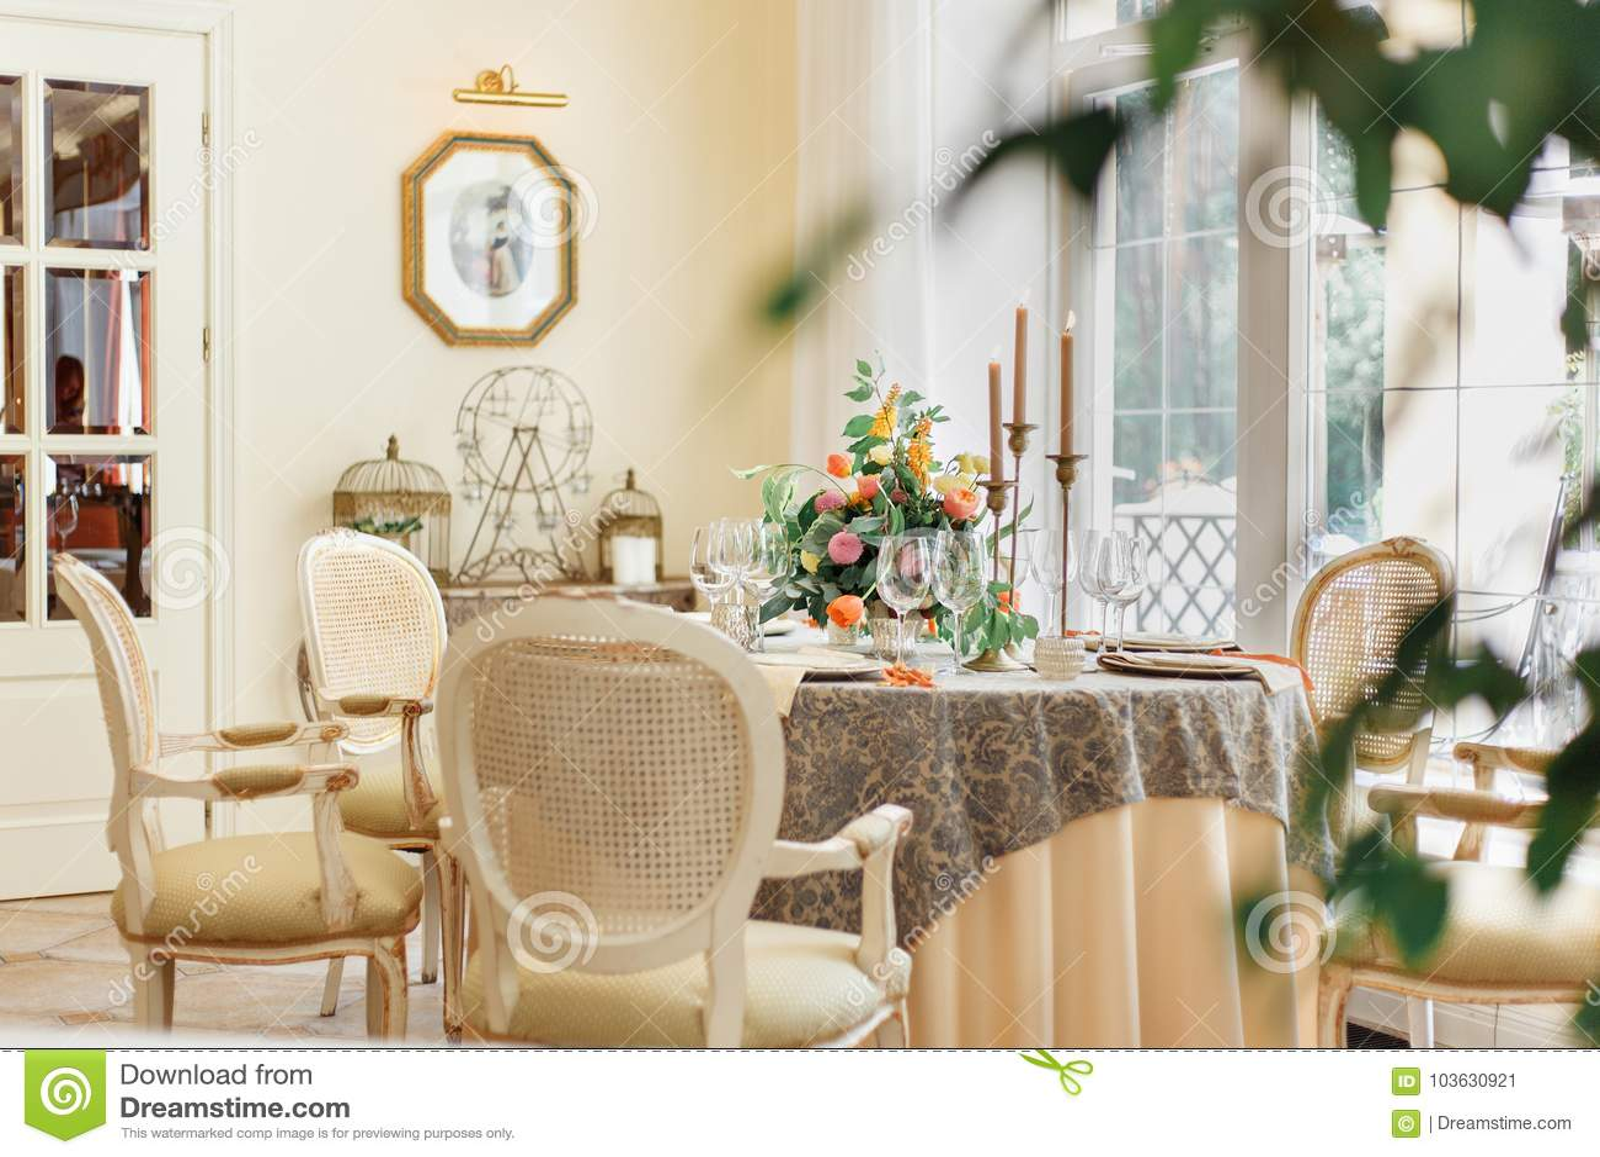 Ένας να δειπνήσει πίνακας και άνετες πολυθρόνες σε ένα σύγχρονο σπίτι με μια ελαφριά τραπεζαρία